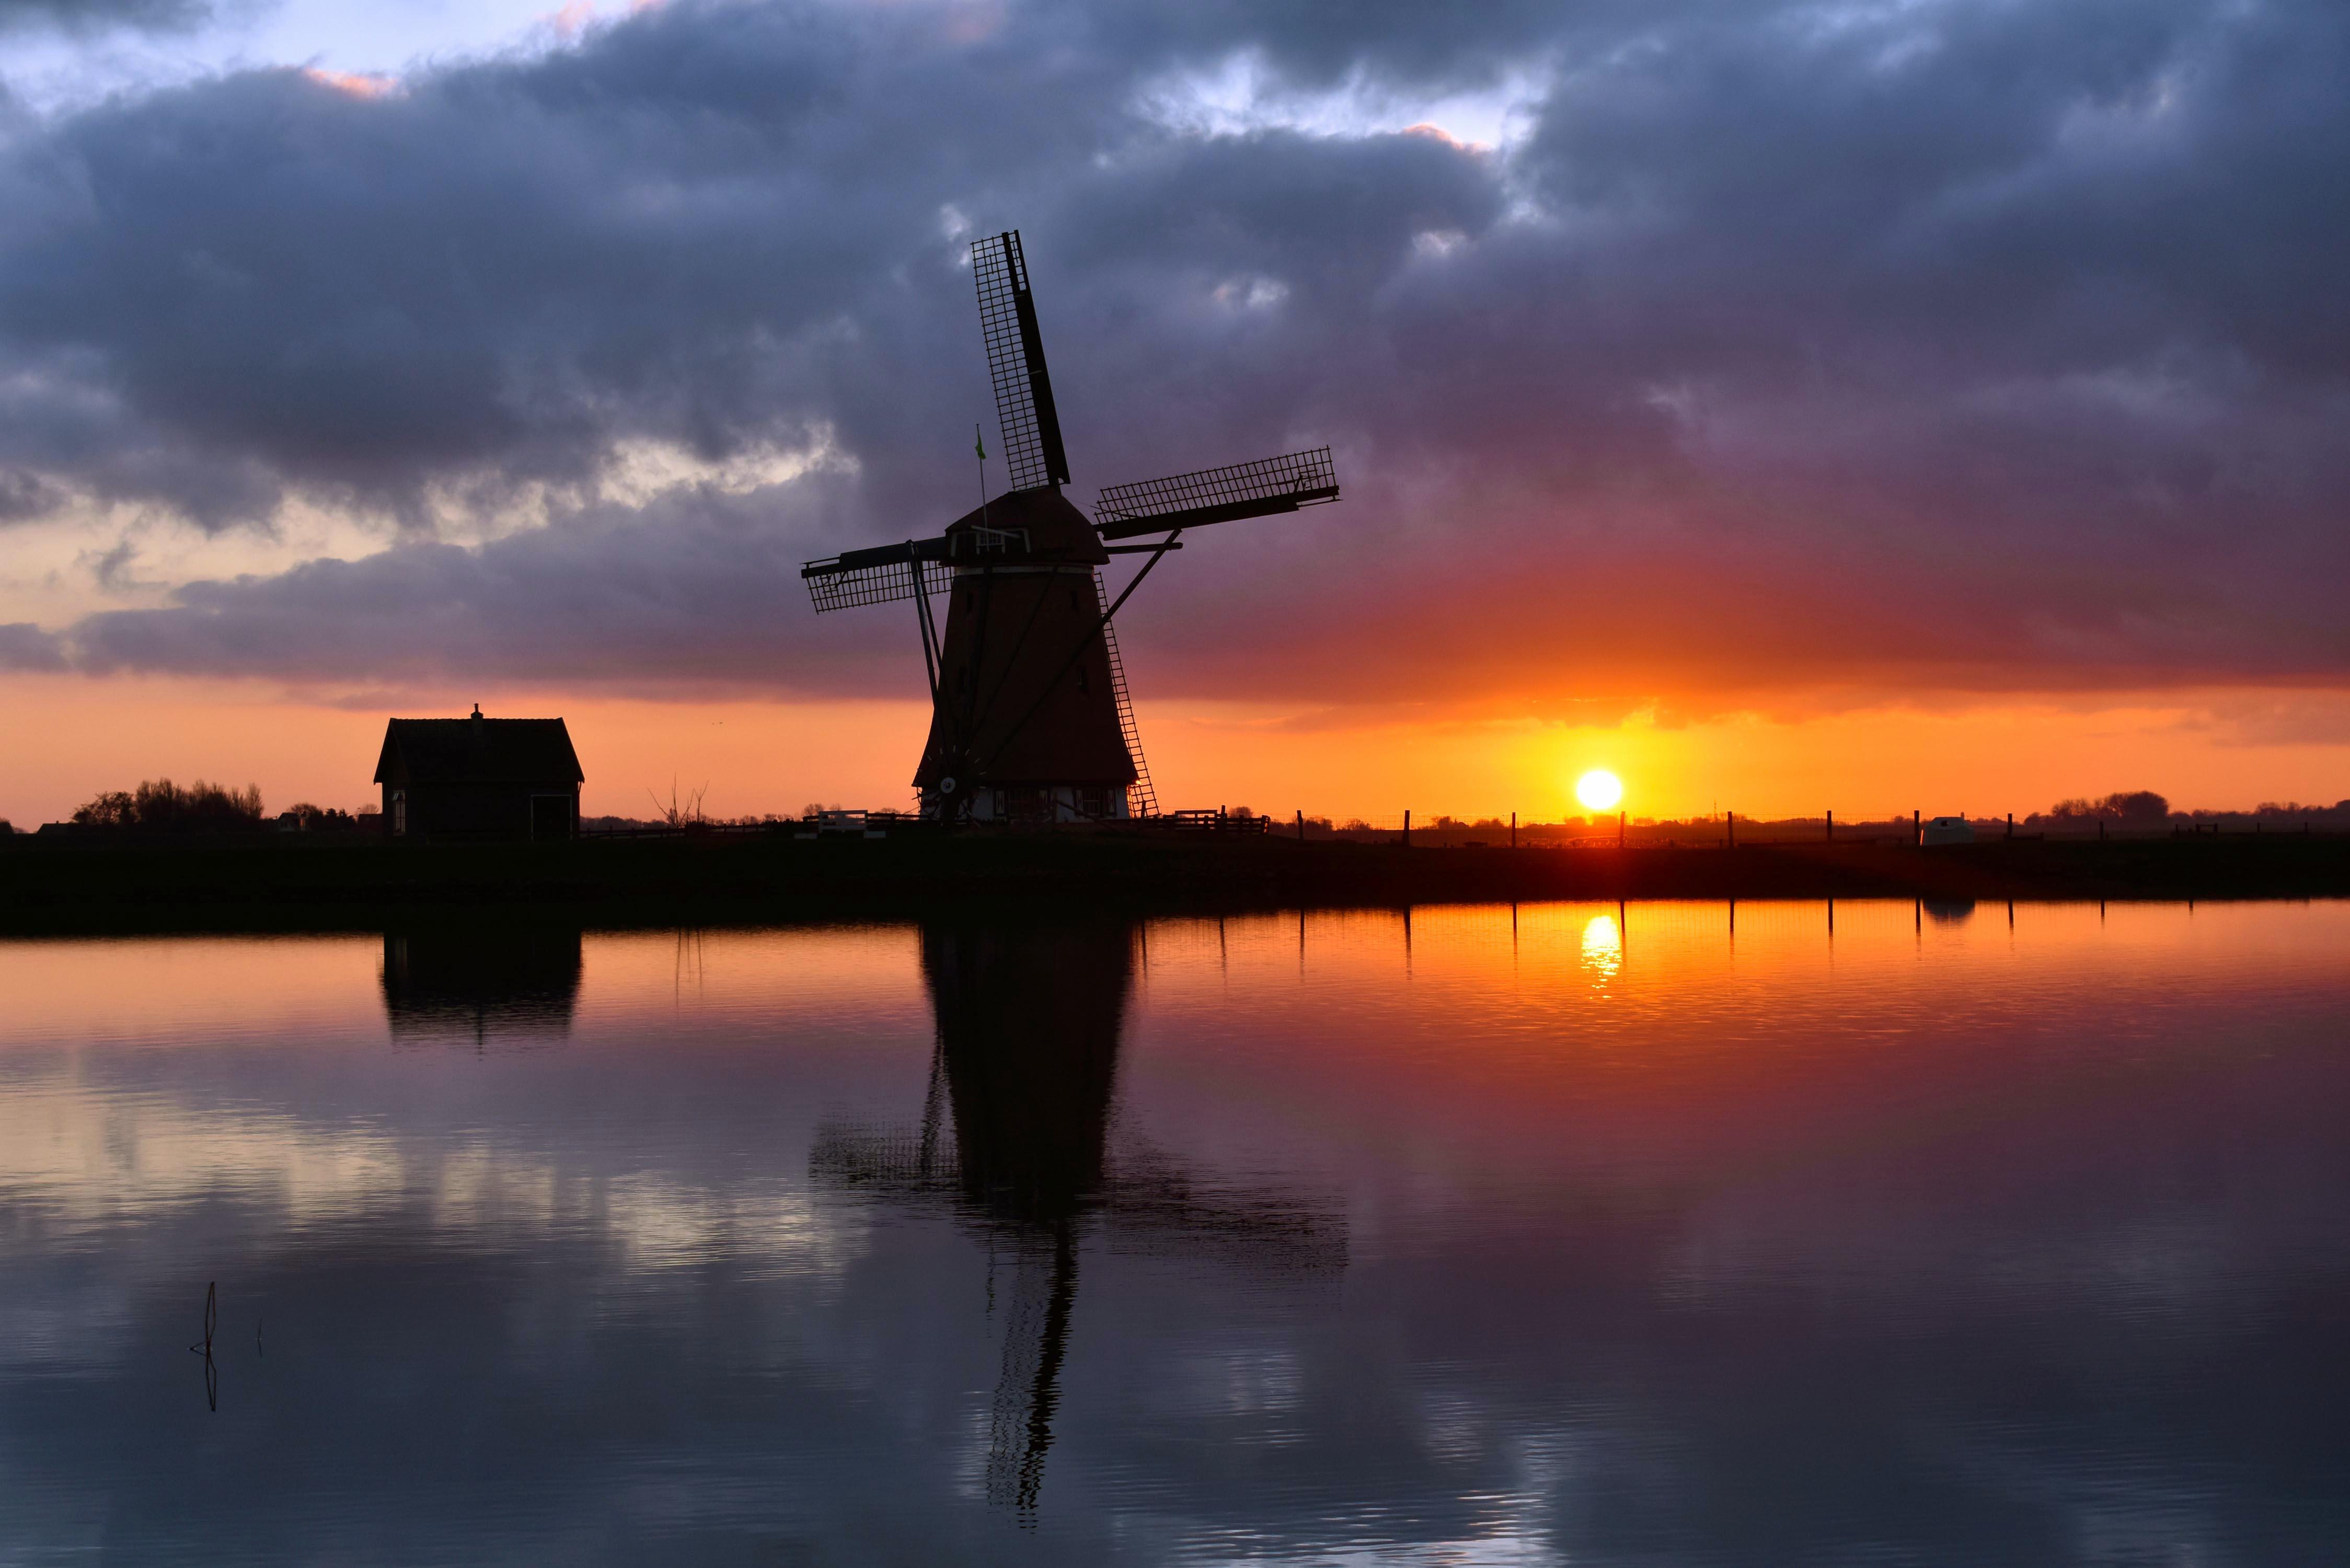 De zonsondergang laag bij het water in de lens gevangen – Foto: ©Louis Fraanje